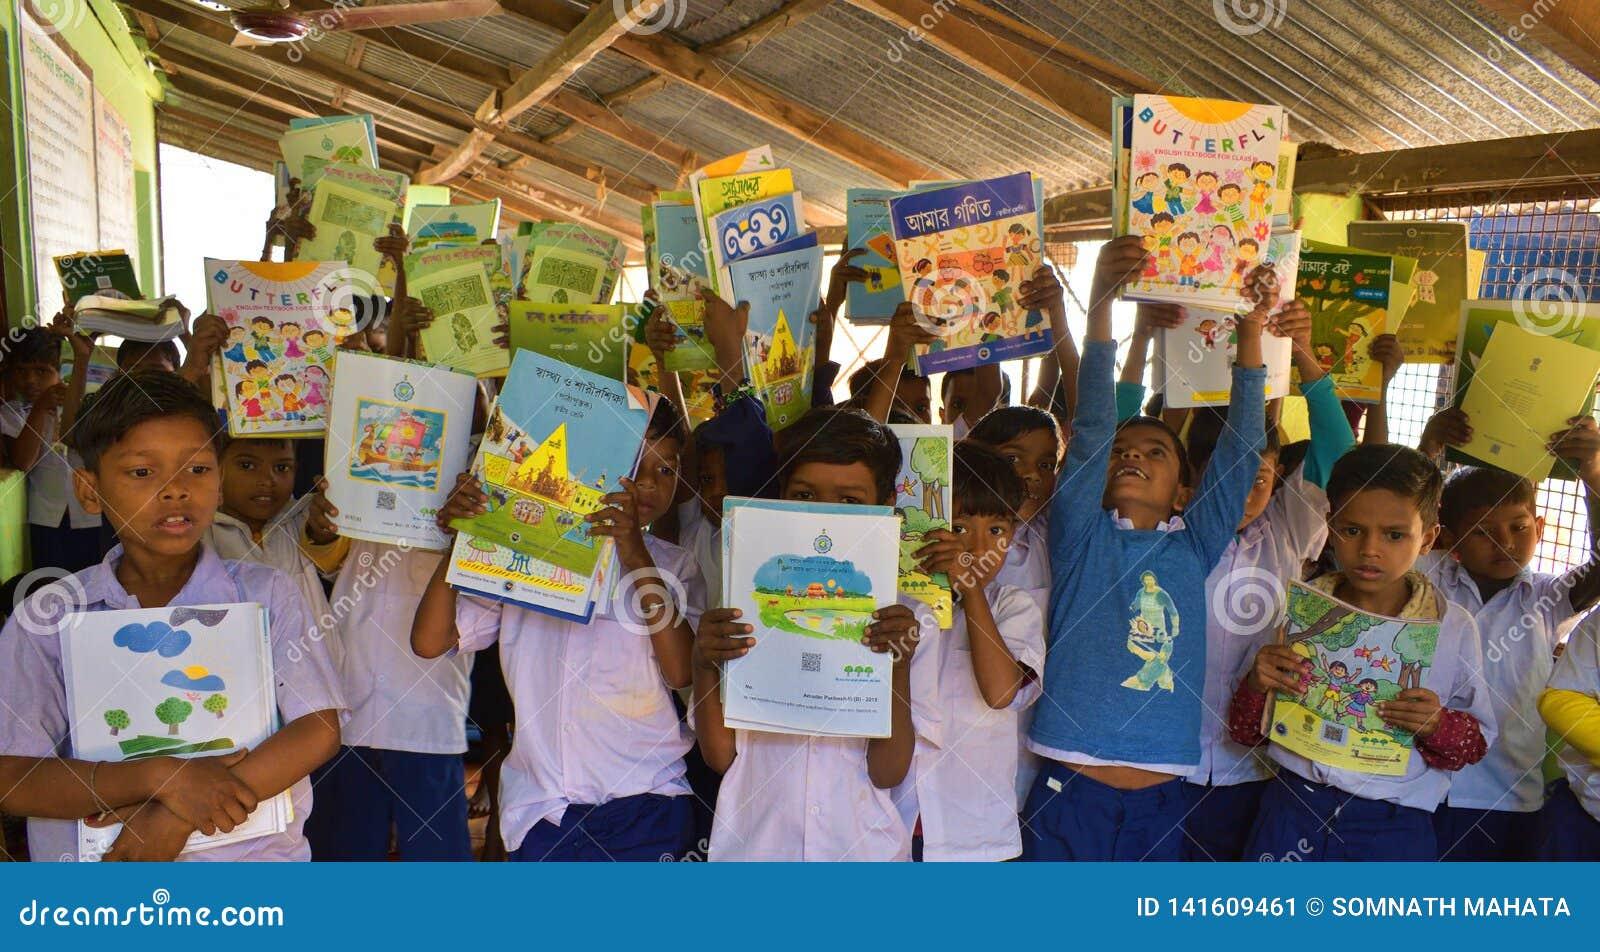 Jhargram, Bengala Occidental, la India - 2 de enero de 2019: El día internacional del libro fue celebrado por los estudiantes de